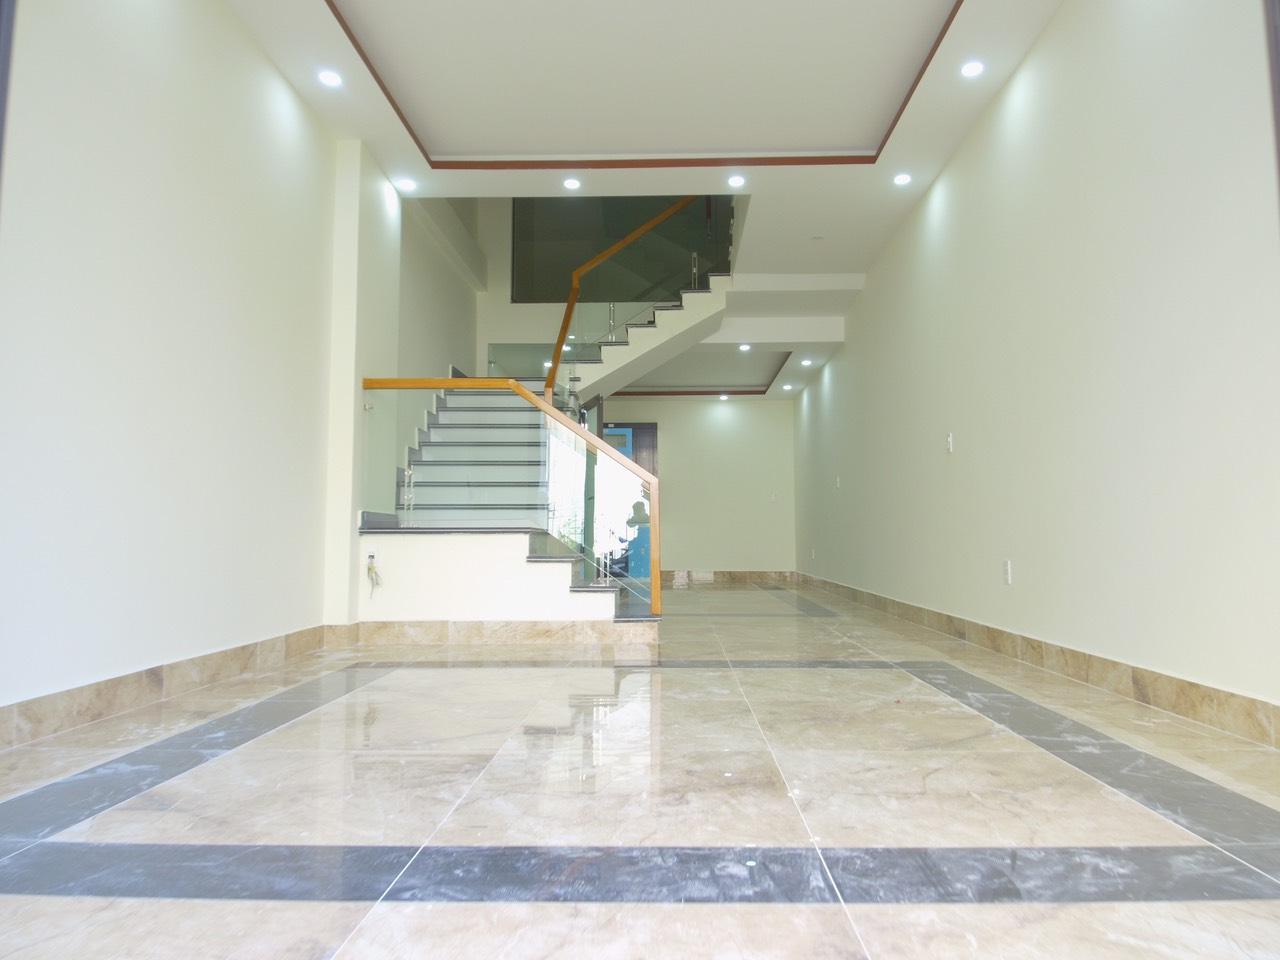 Bán nhà 4 tầng mặt ngõ 5m tại Đằng Hải, Hải An, Hải Phòng